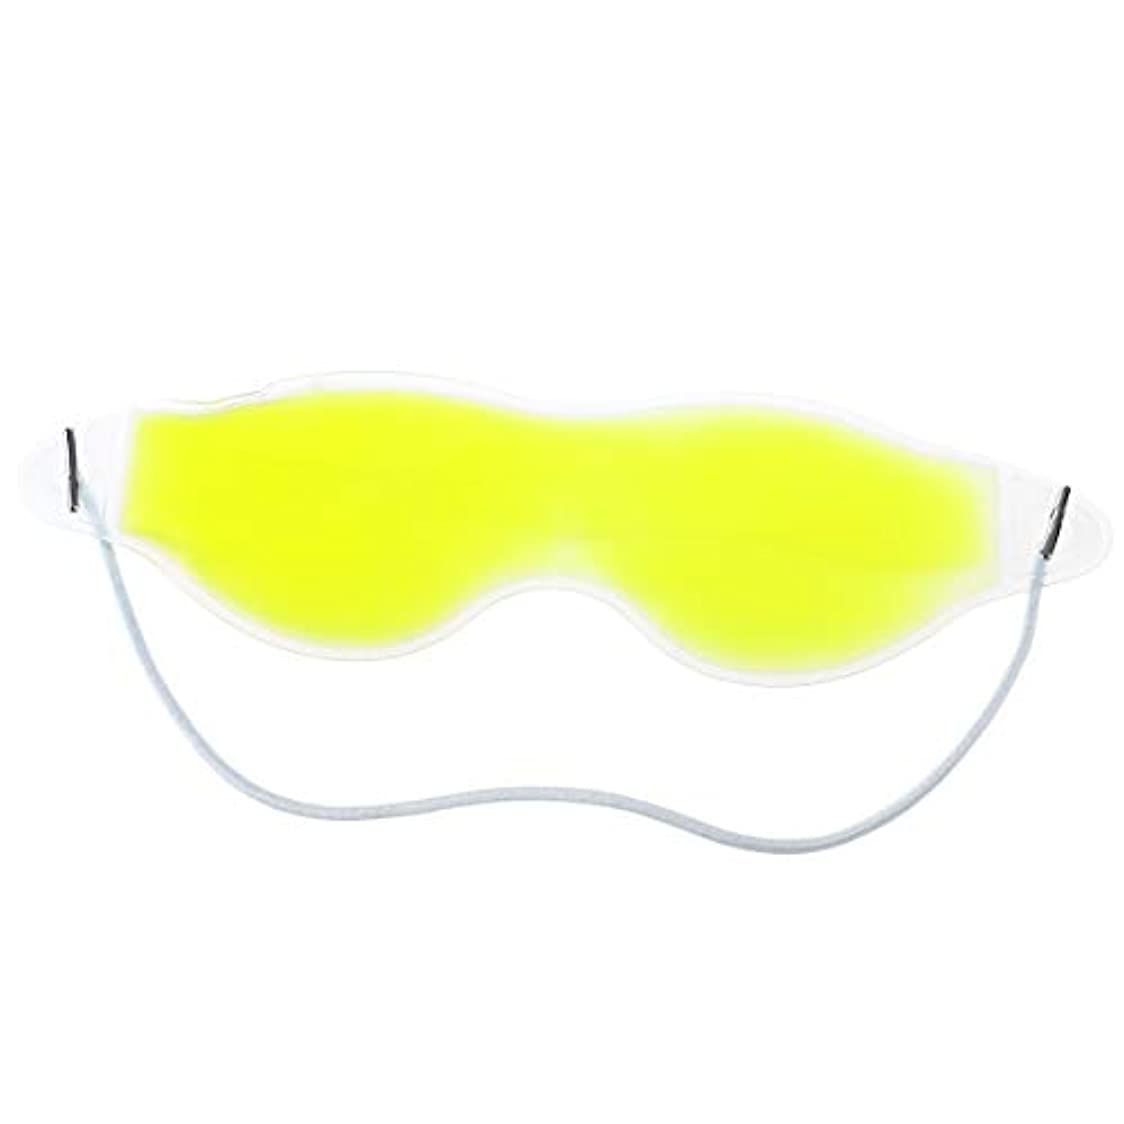 暴力ヒロイック限りARTLILY ジェルアイマスクアイスコールドパックまたはホットパックアイリラクゼーションセラピーマスク - 眠りを改善し、腫れぼったい、目の腫れ、疲労、頭痛、緊張を改善(黄色)